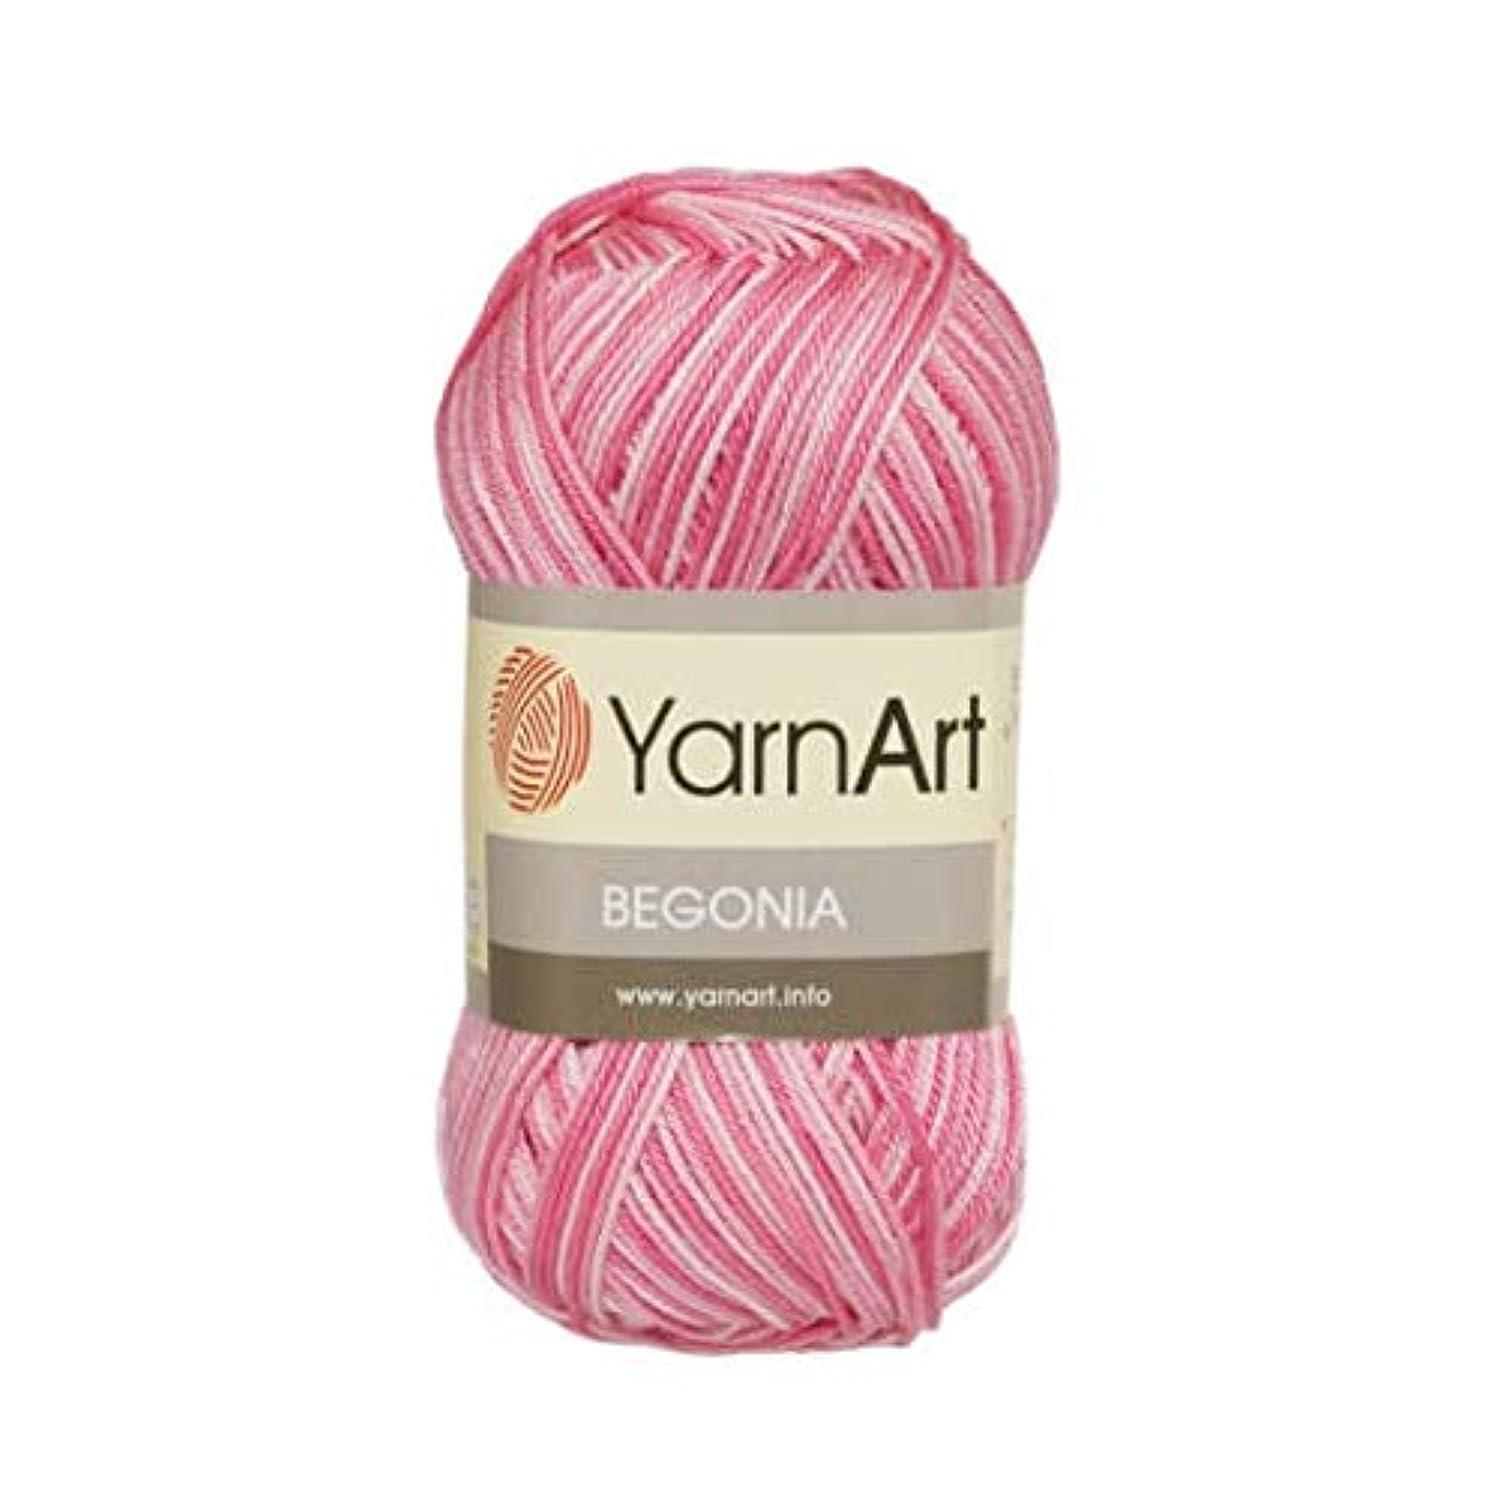 5 Skein (Pack) Total 8.8 Oz. Yarnart Begonia Melange, 100% Mercerized Cotton, Each 1.76 Oz (50g) / 185 Yrds (169m), Fine Sport 2, Variegated Pink - 0377